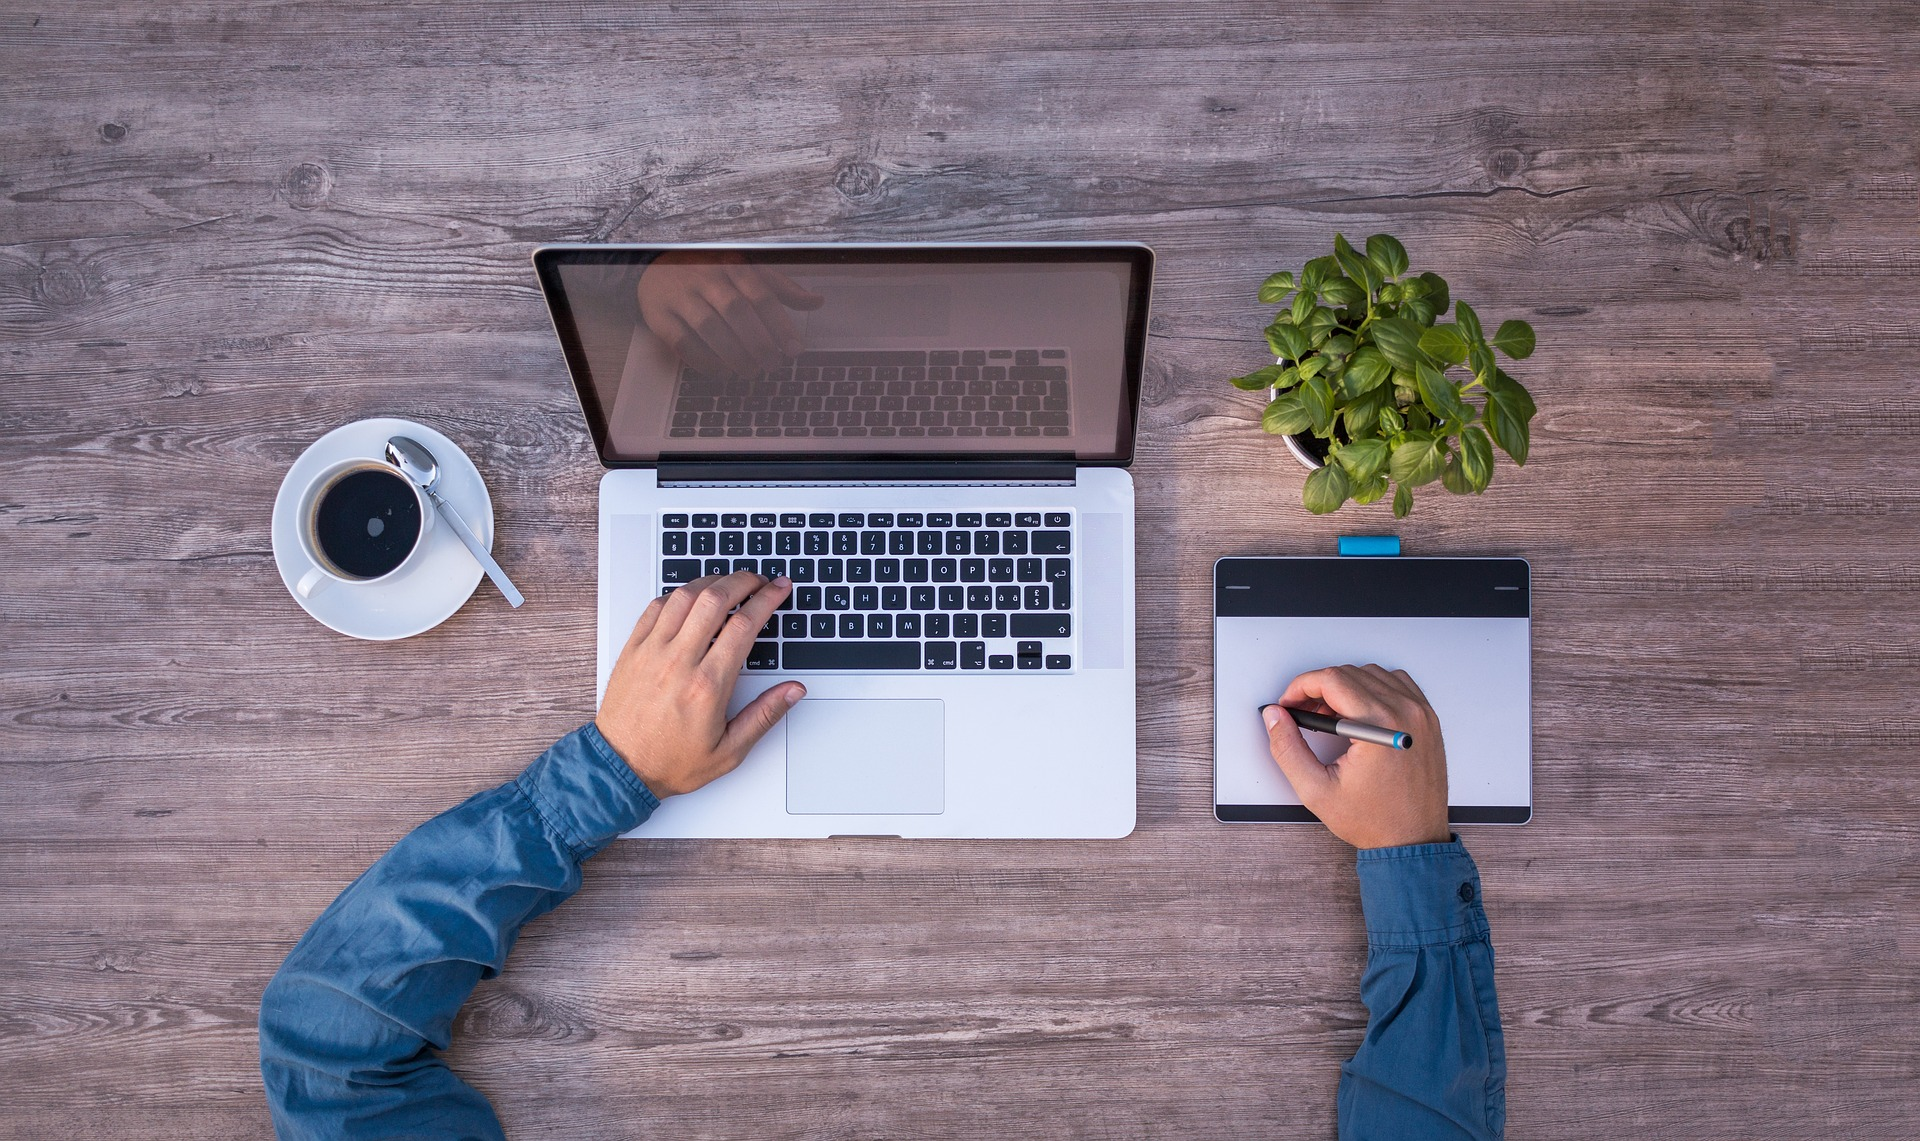 Cómo diseñar vídeos, animaciones y documentos online